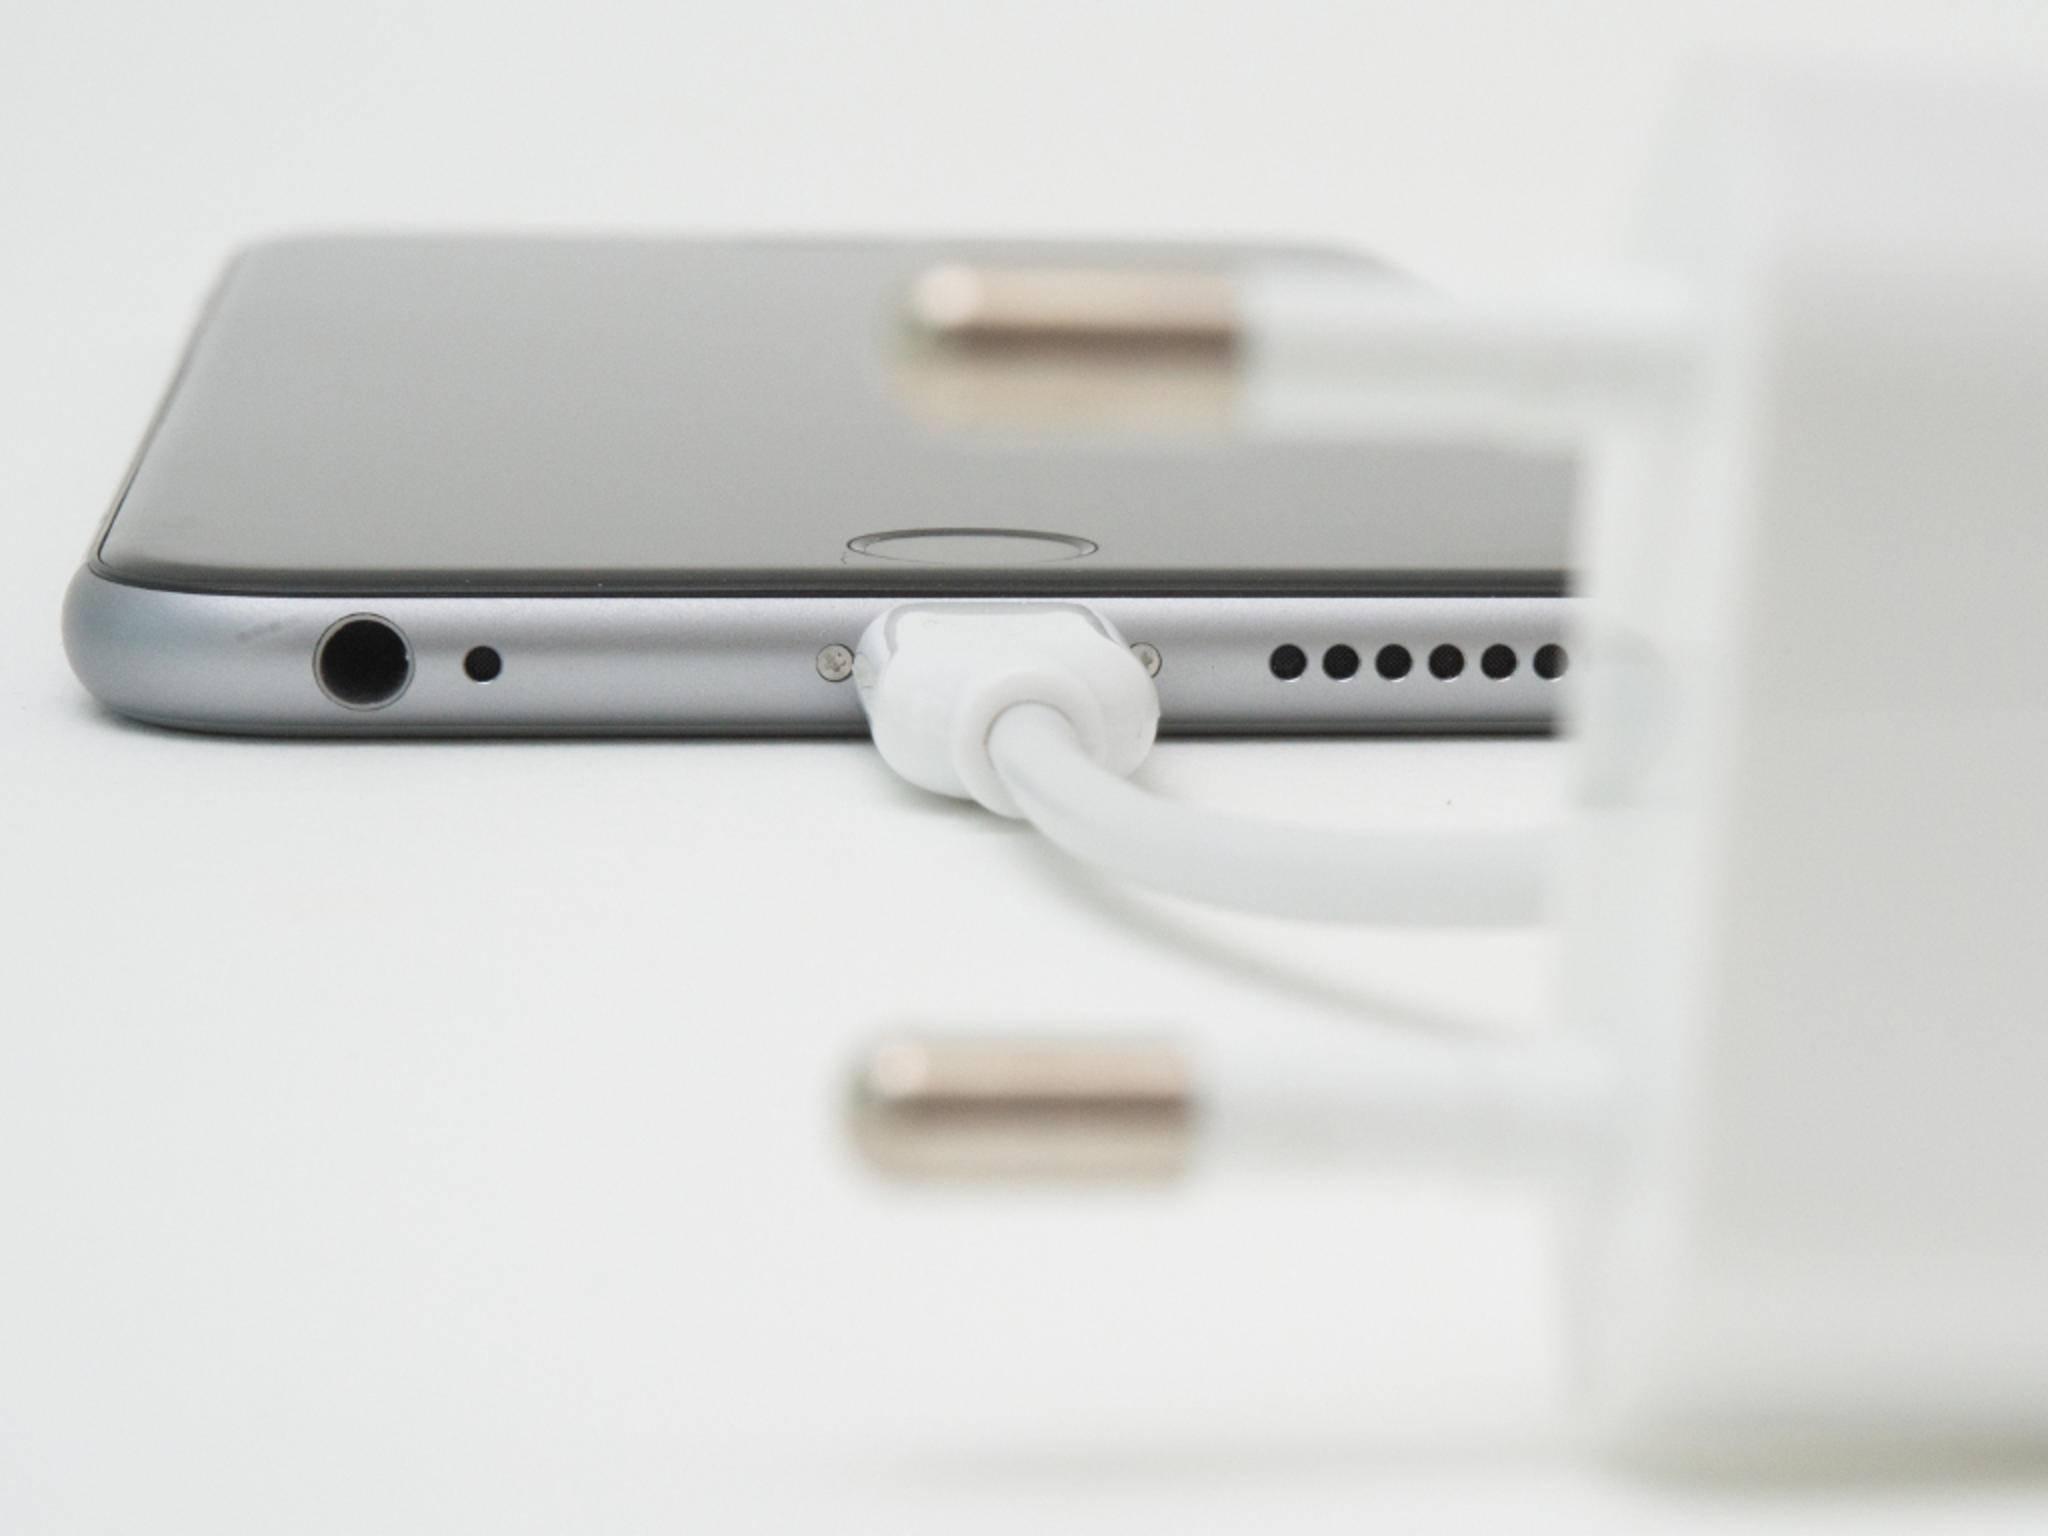 Mit dem neuen Lightning-Anschluss können sogar Geräte geladen werden.